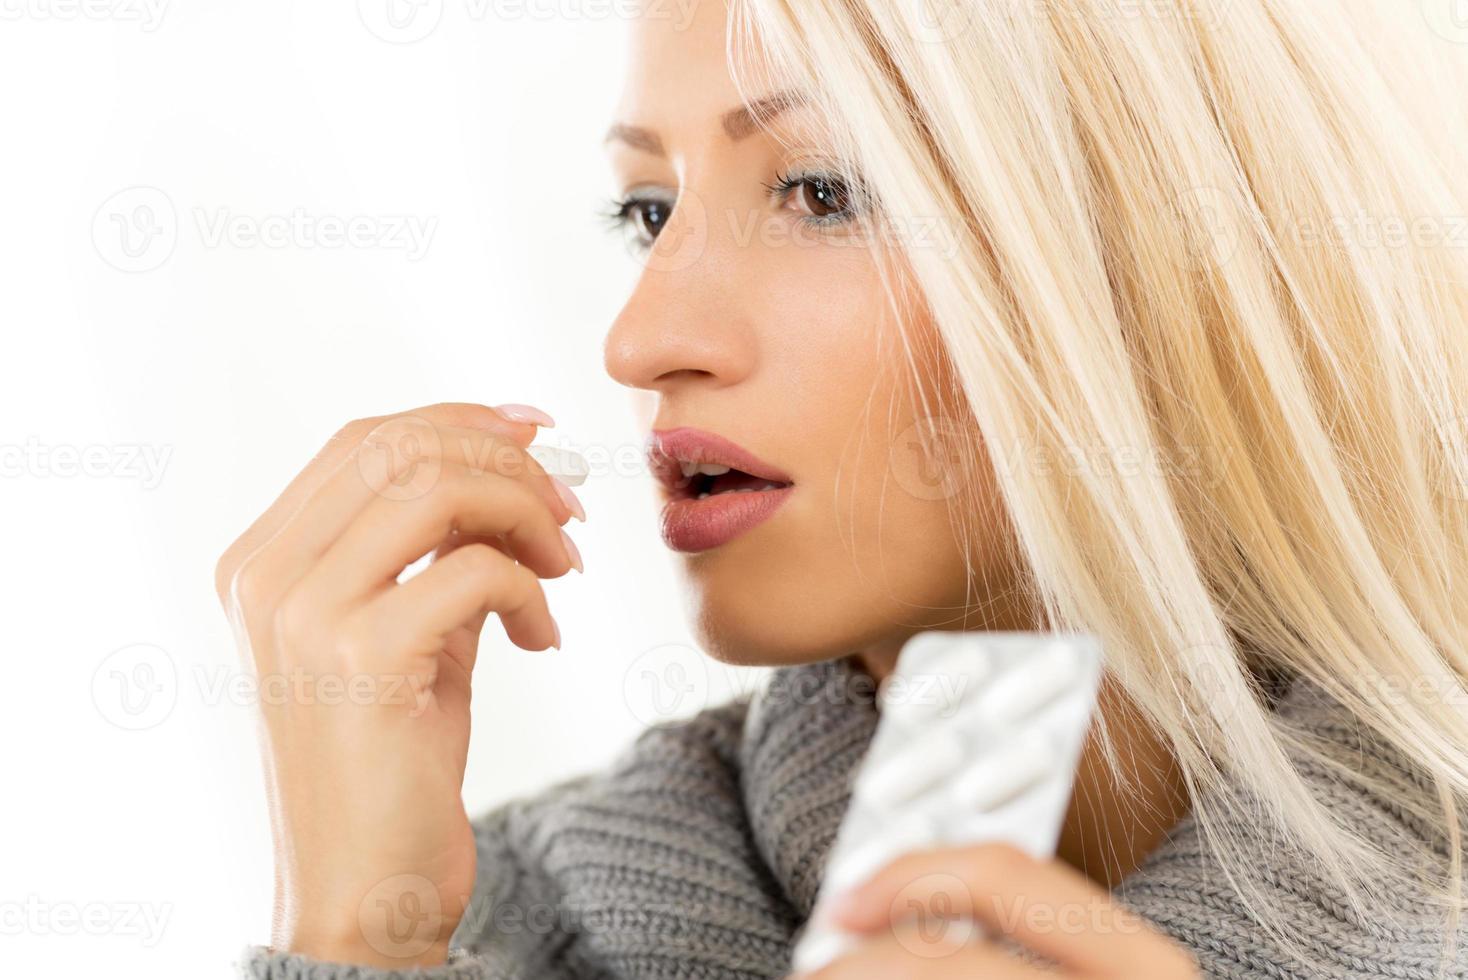 chica rubia toma una pastilla foto